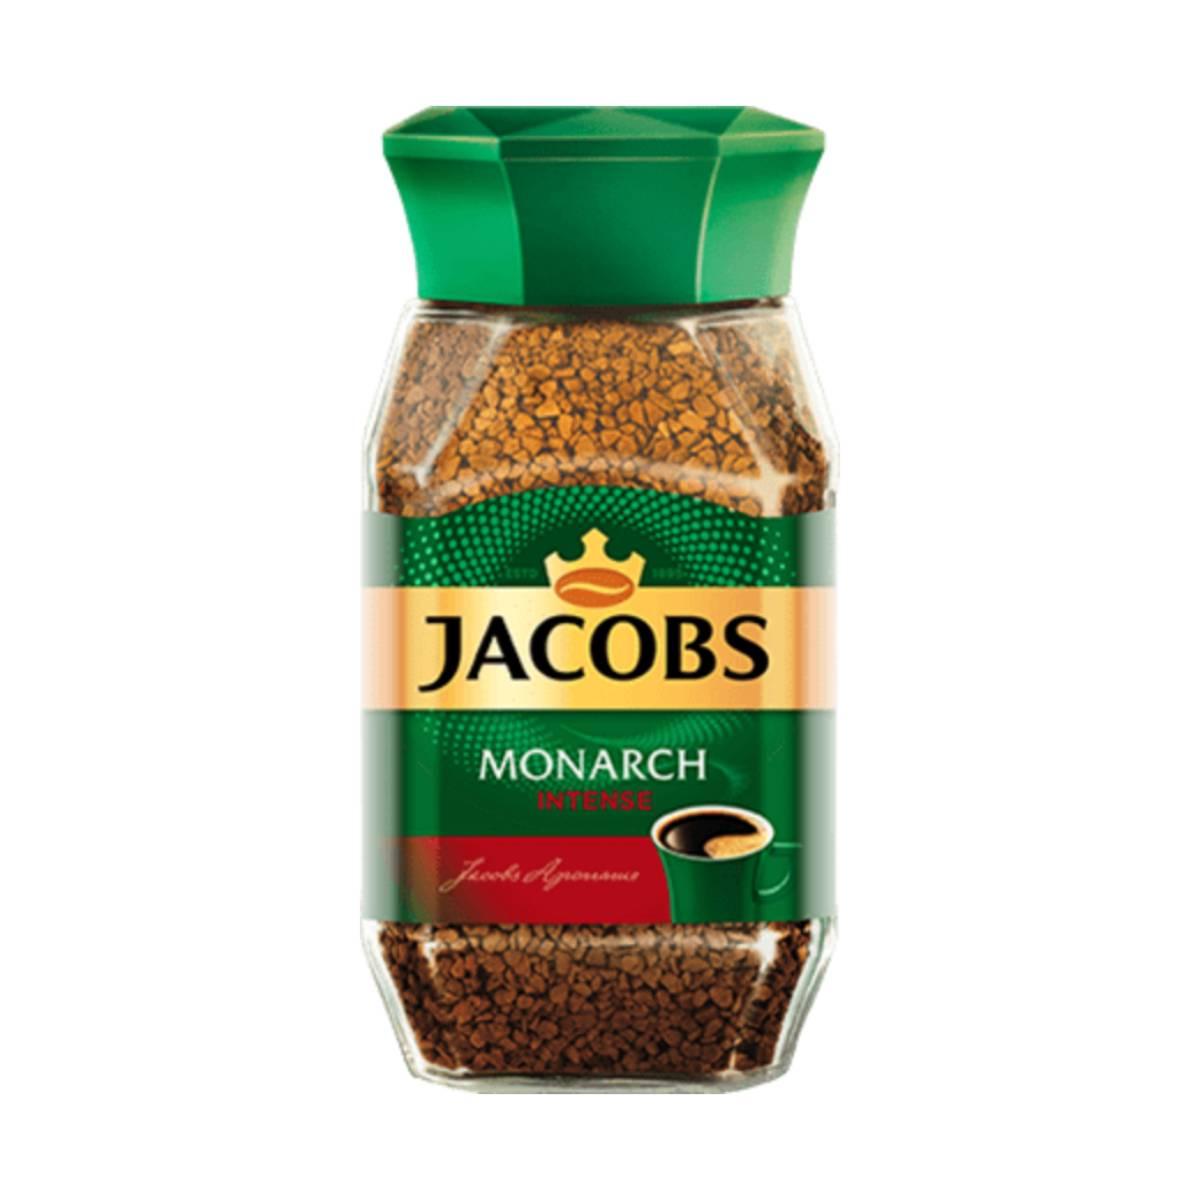 قهوه فوری مونارک اینتنس جاکوبز - ۱۹۰ گرم main 1 1